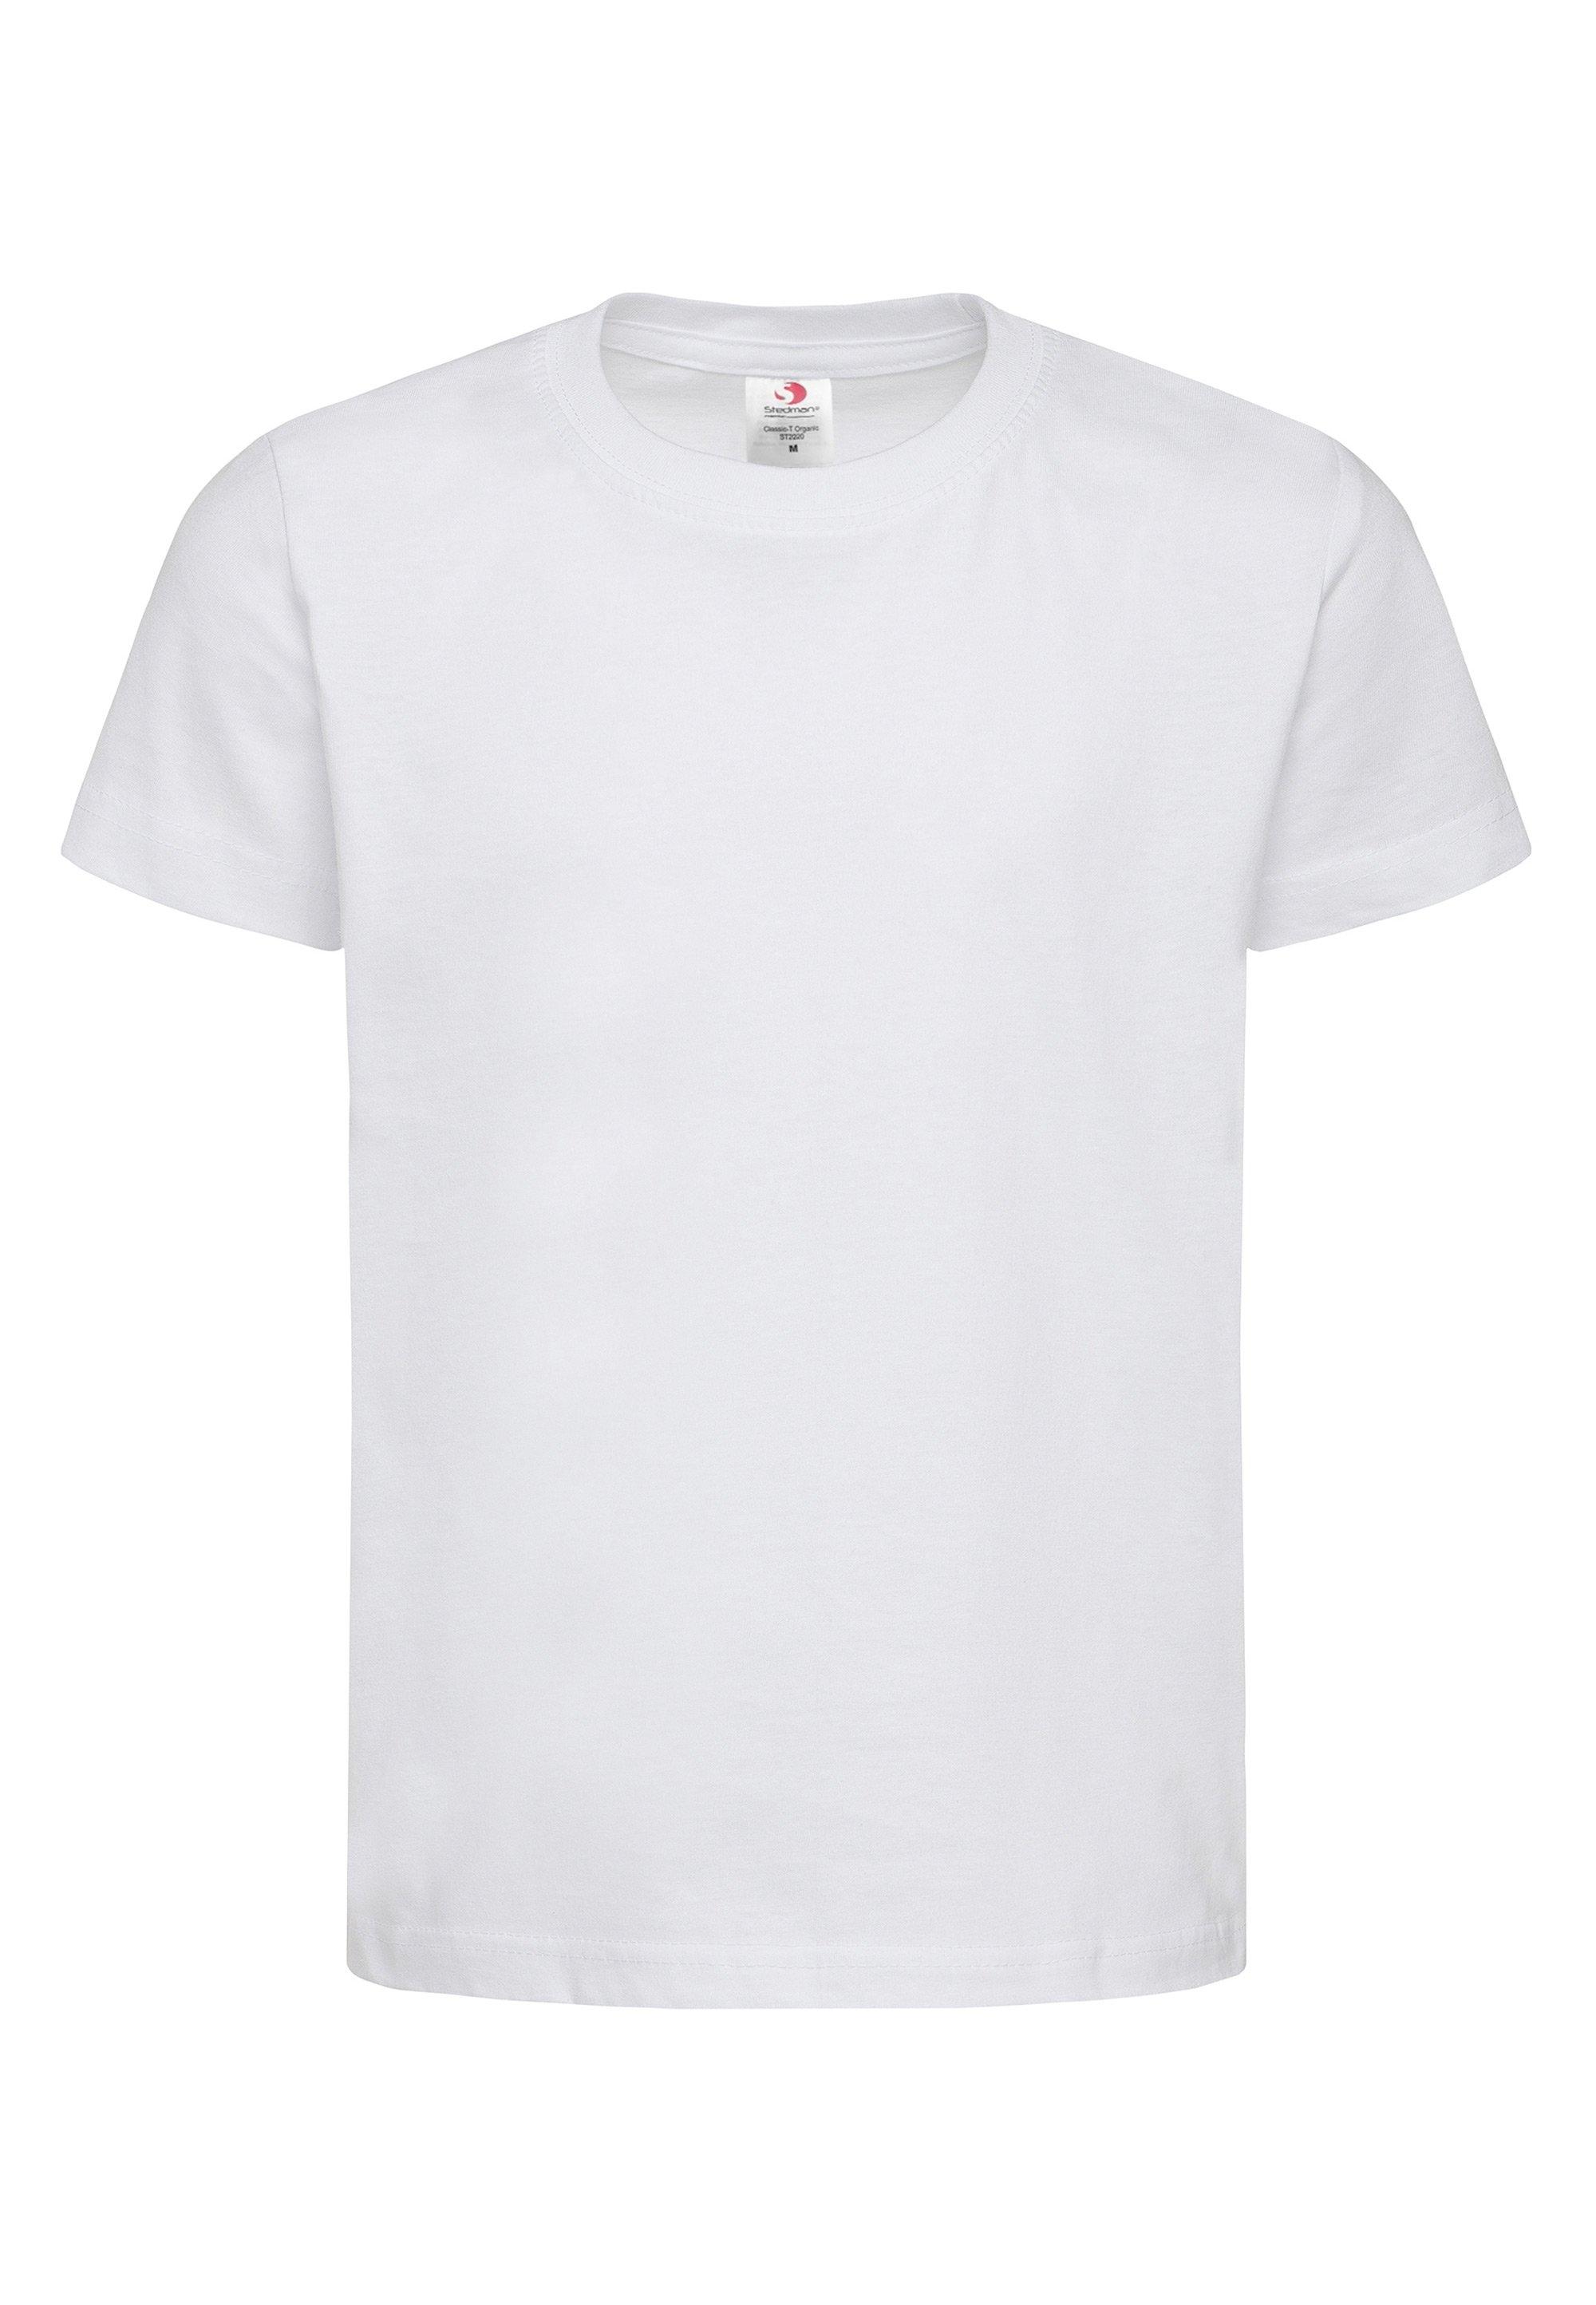 Stedman Shirt met ronde hals Essential Kids Organic in een klassiek design van biokatoen bestellen: 30 dagen bedenktijd